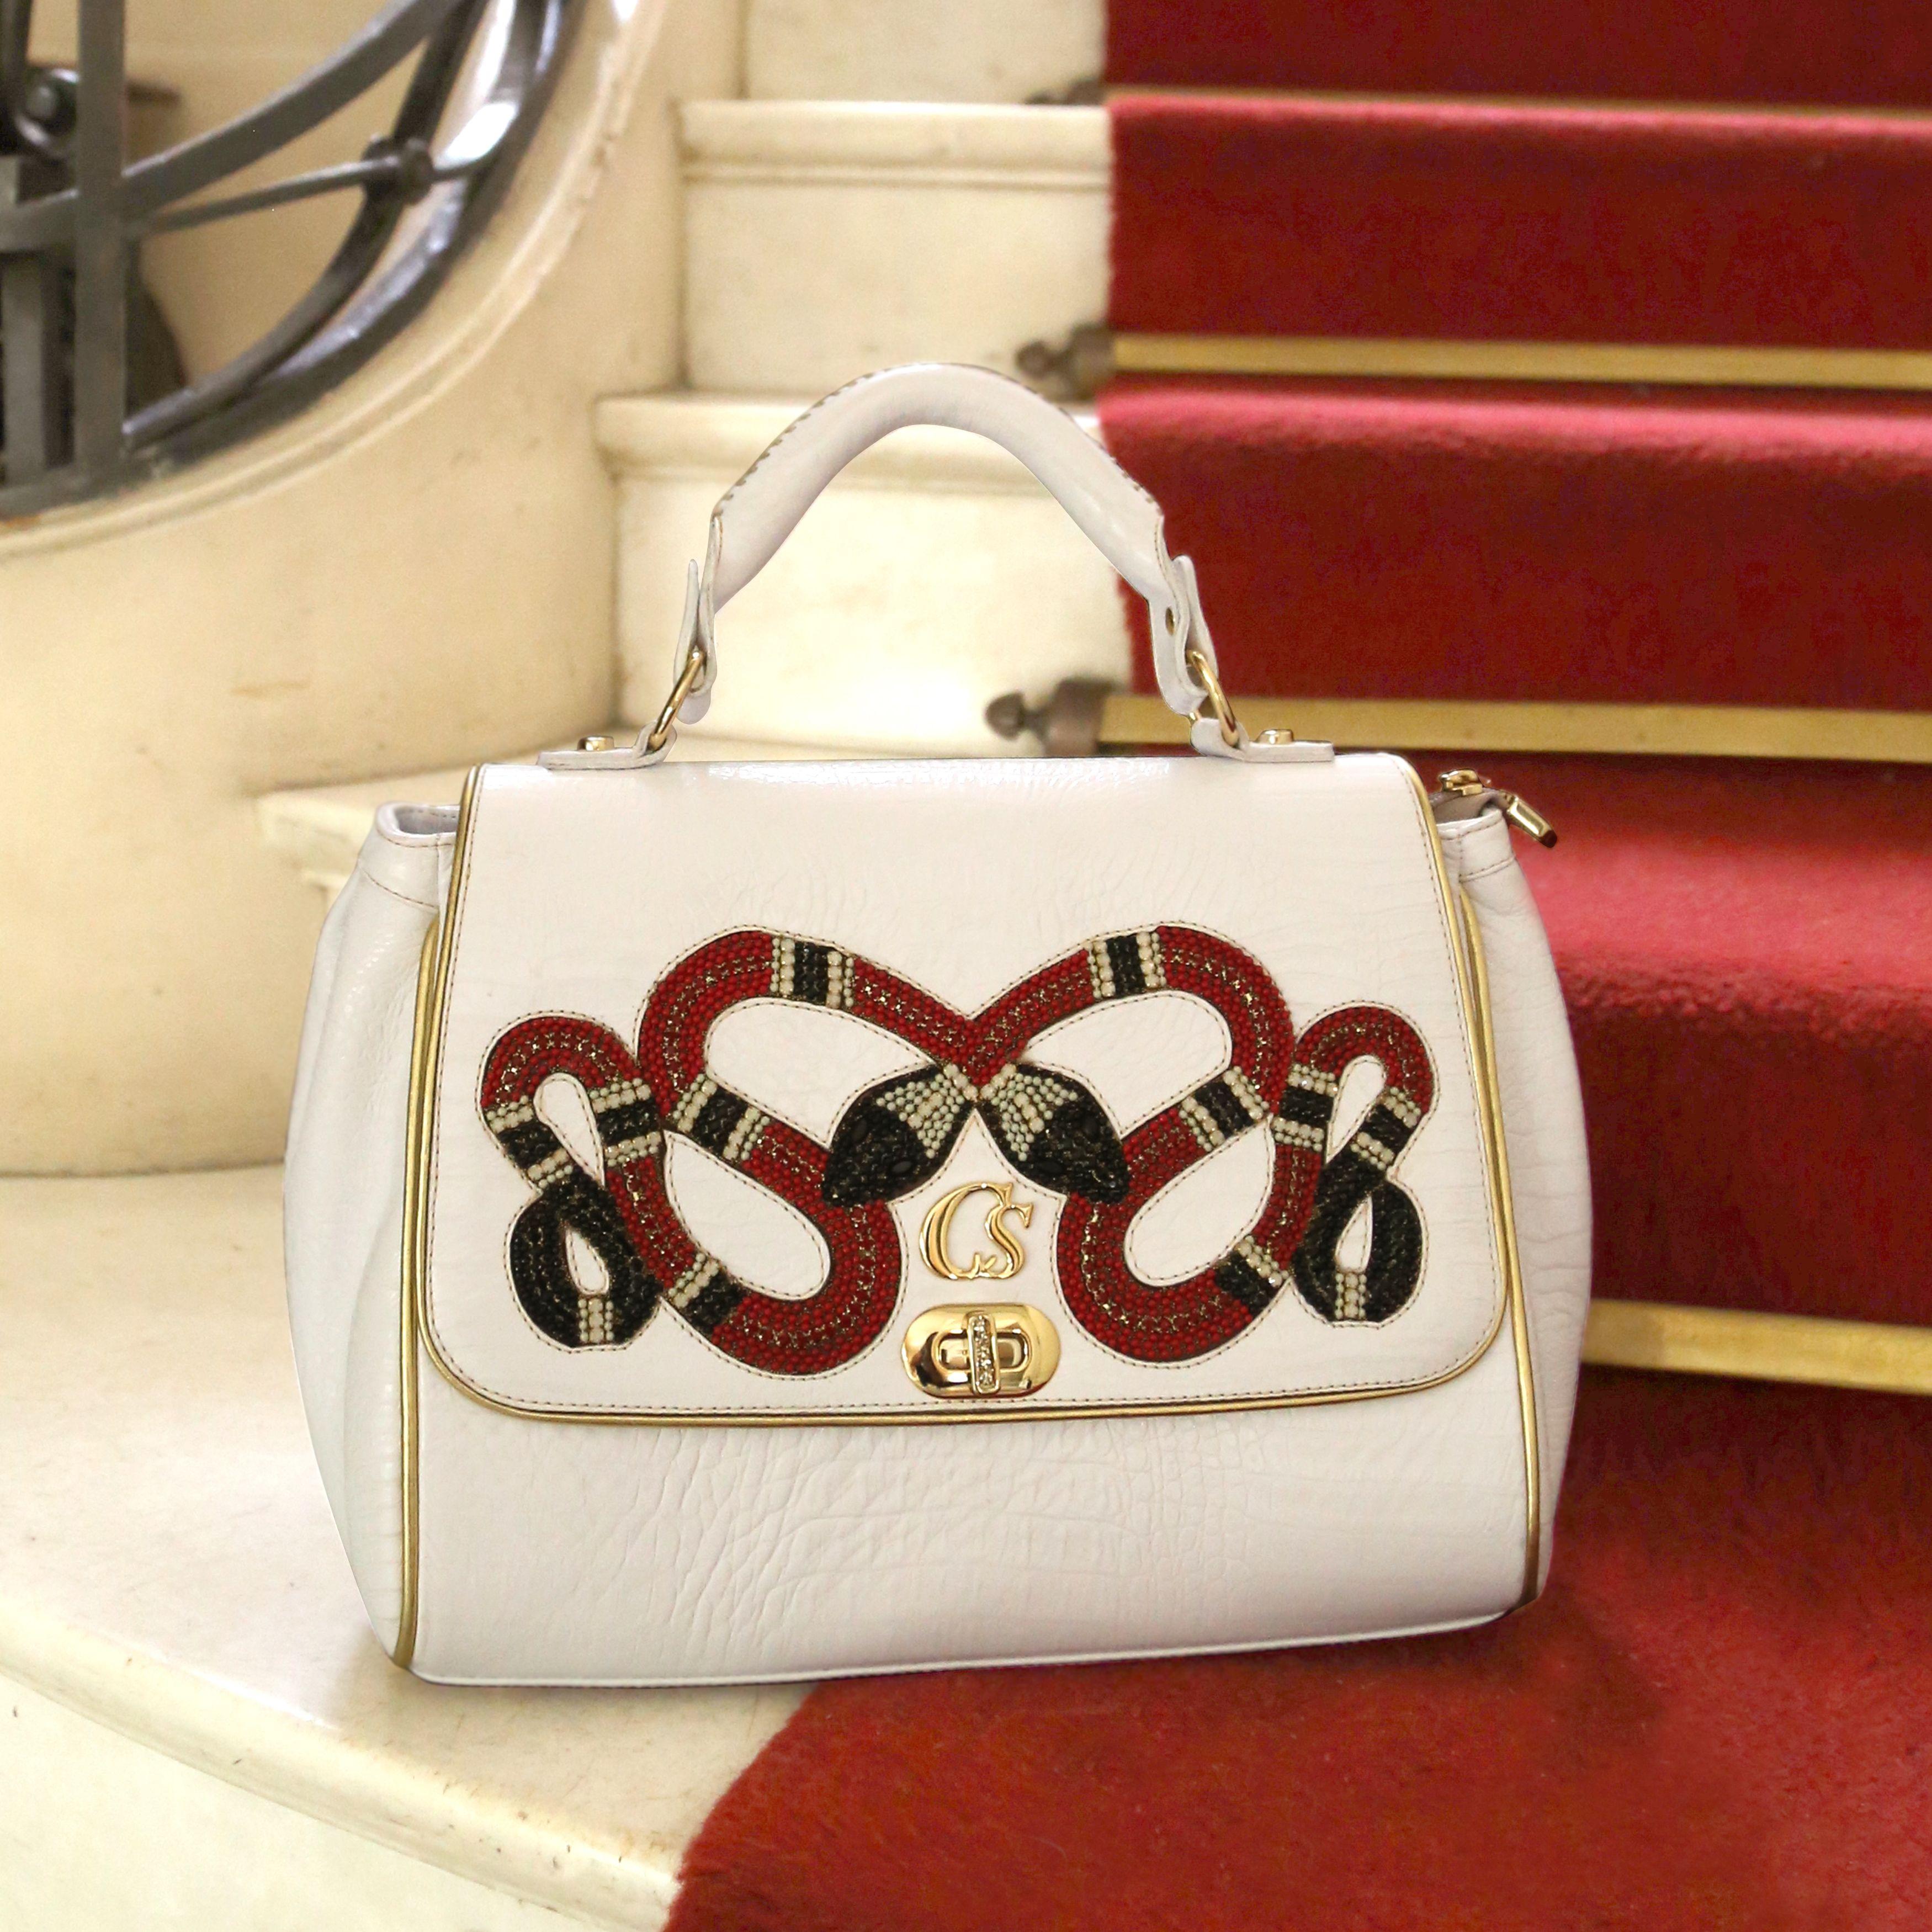 Bolsa Branca com cobras bordadas Carmen Steffens   Carmen Steffens ... 554041ca09